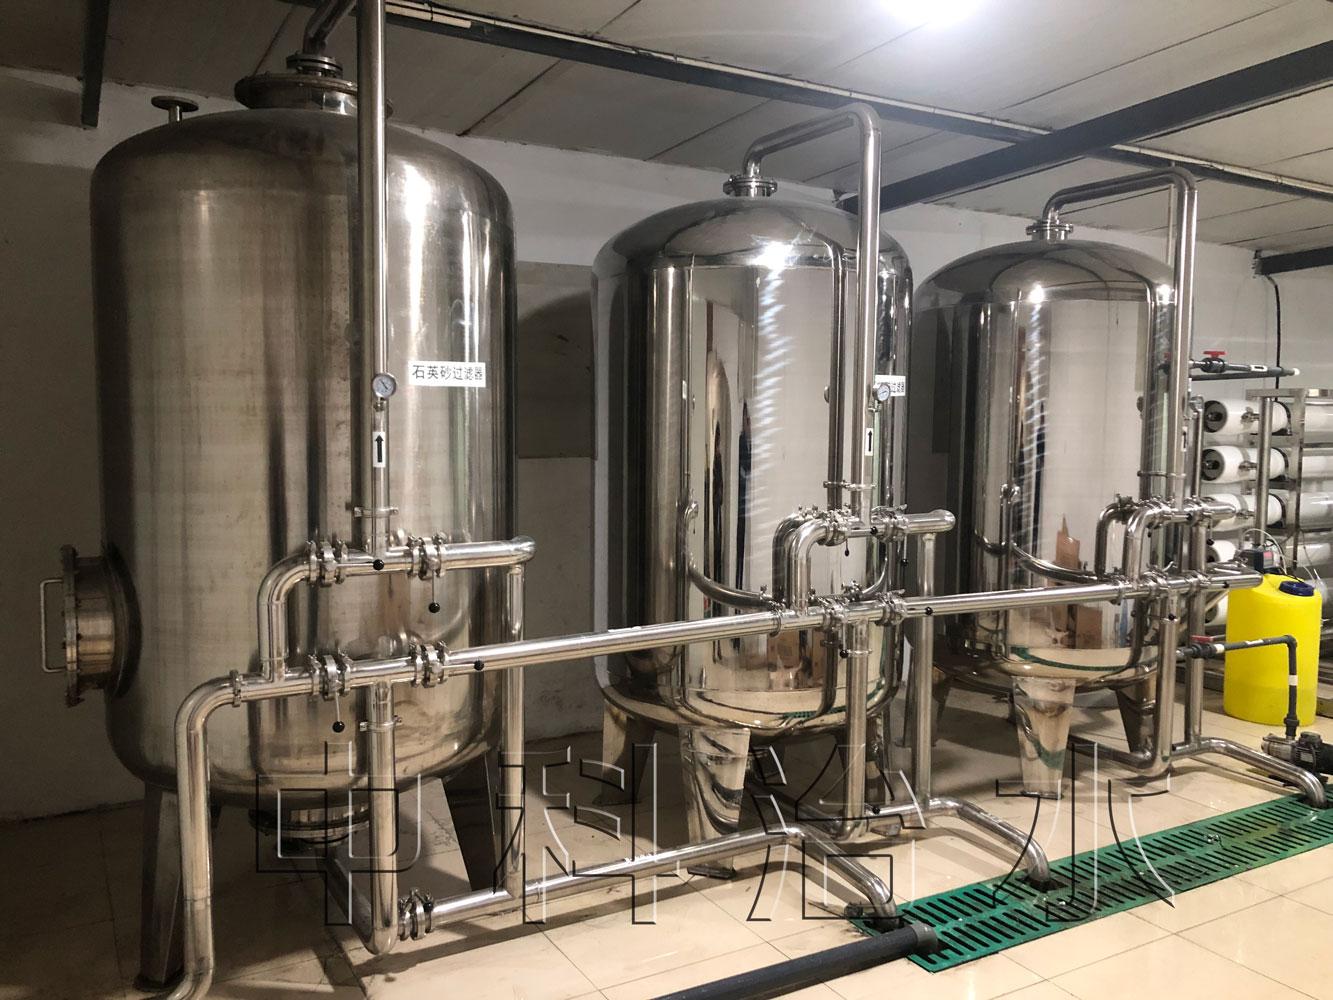 锦绣龙虾养殖_桶装净水设备-软化水处理设备-超纯水设备-富氢水机-中科治水